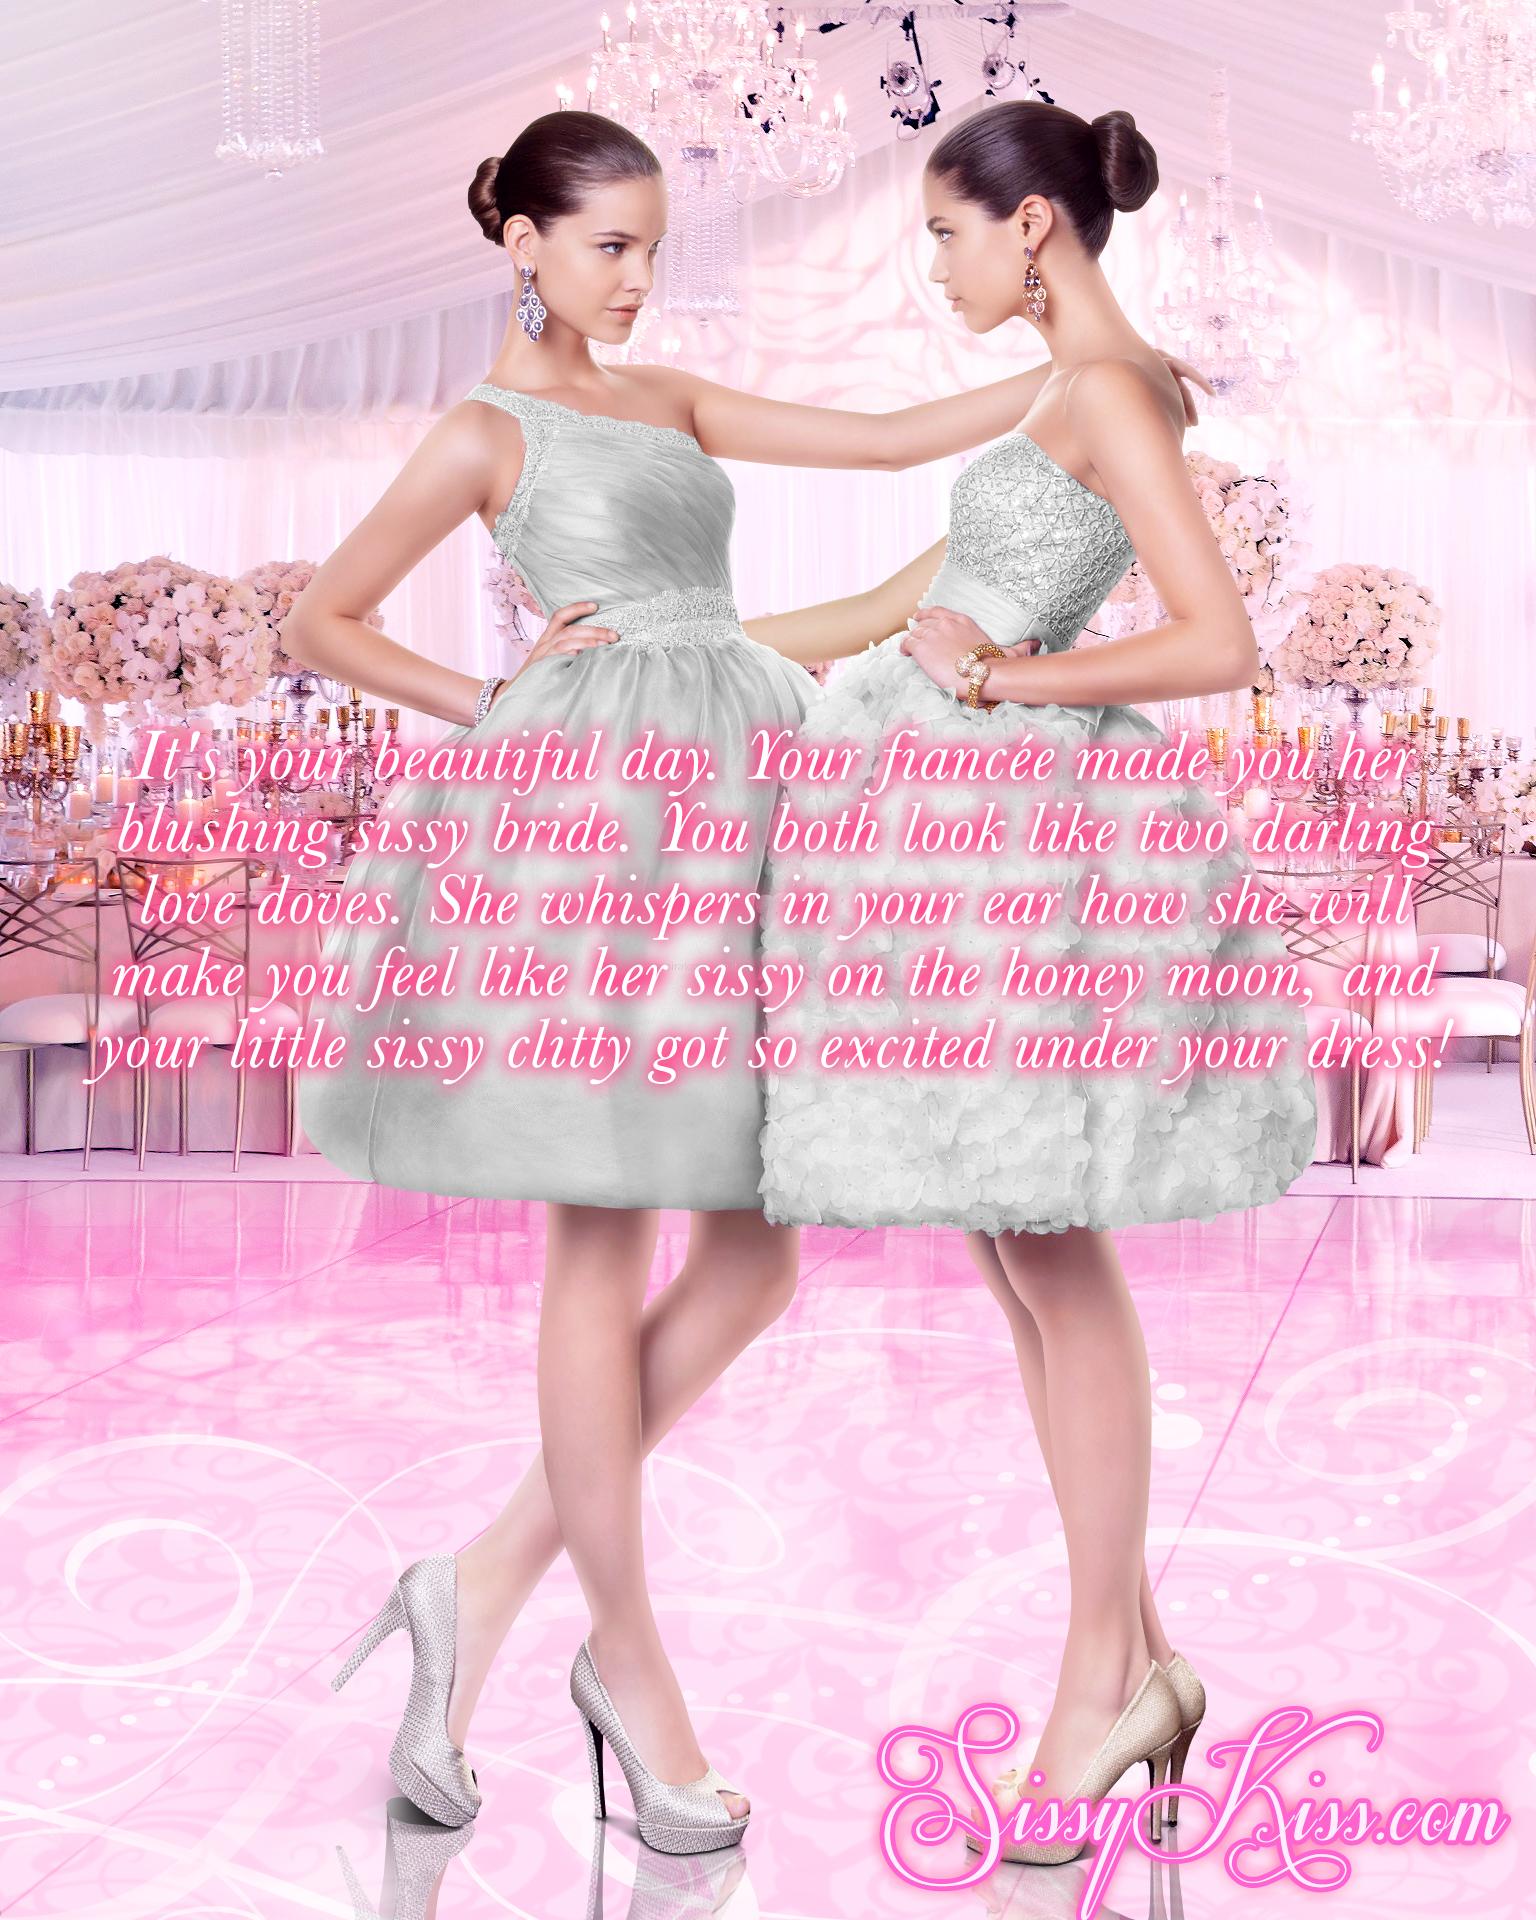 a blushing sissy bride